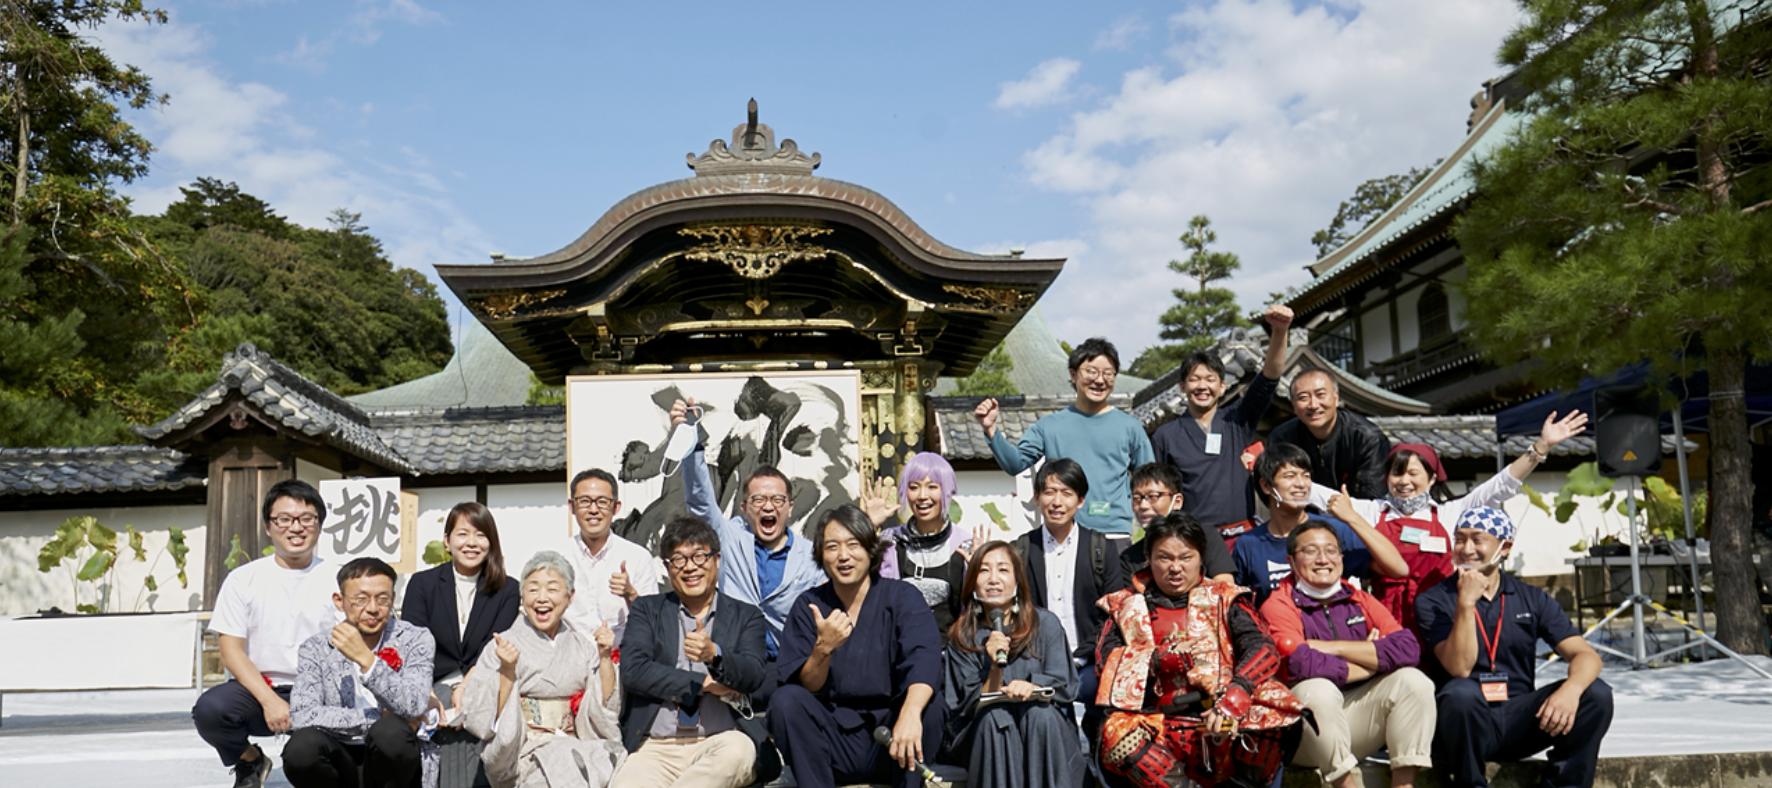 いざ鎌倉!JAPAN CHALLENGER AWARD 2021 in 建長寺 地方創生の先駆者たちが鎌倉に大集結!?